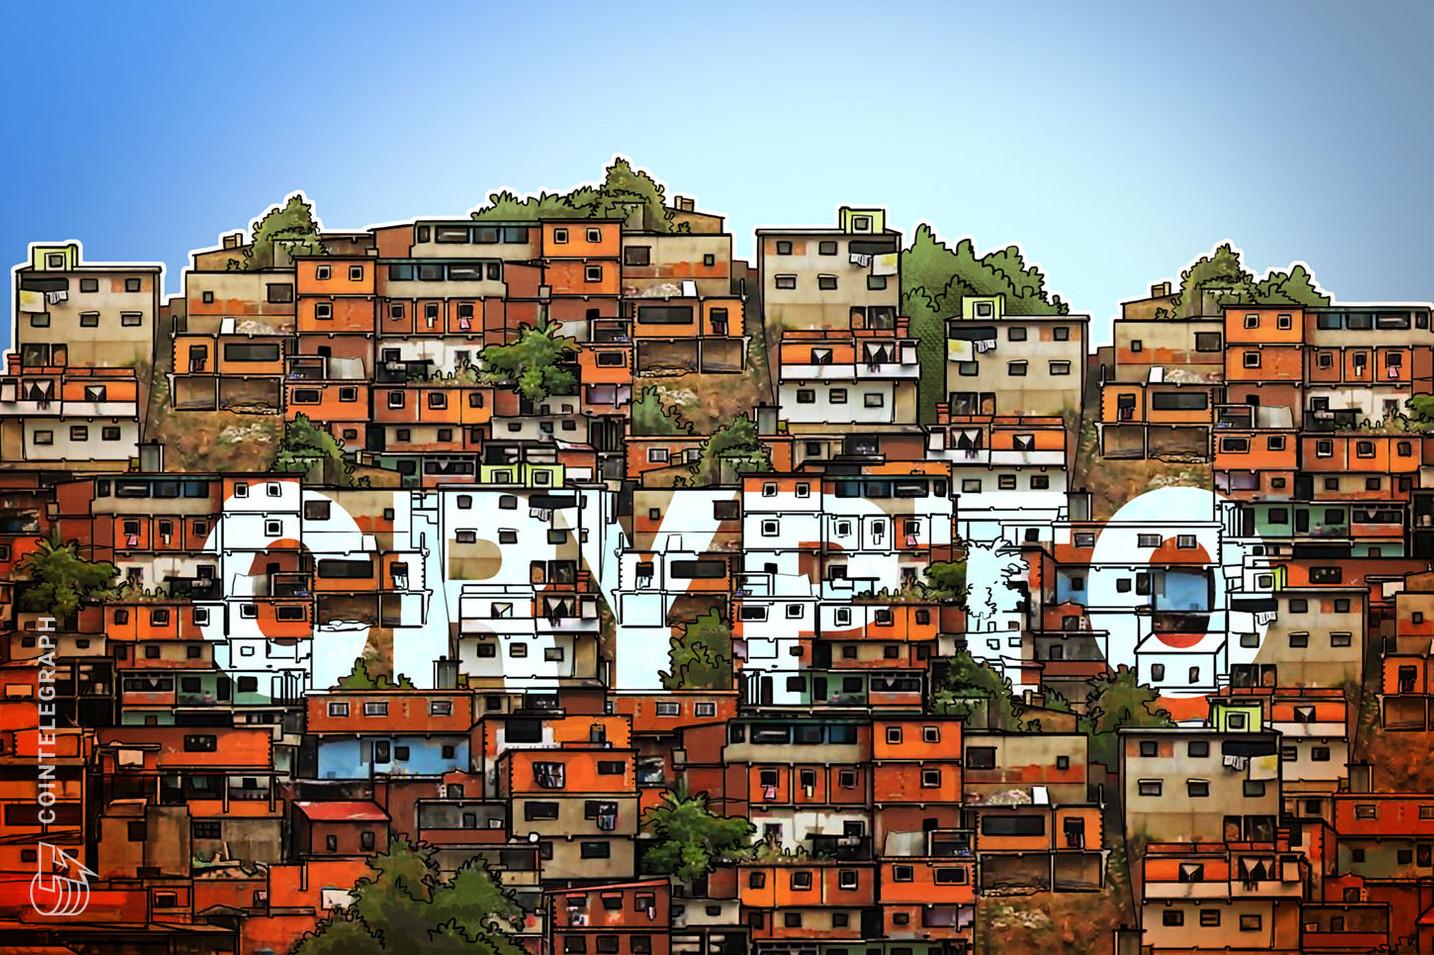 La aceptación de Bitcoin se dispara en Venezuela en medio de la crisis por la hiperinflación